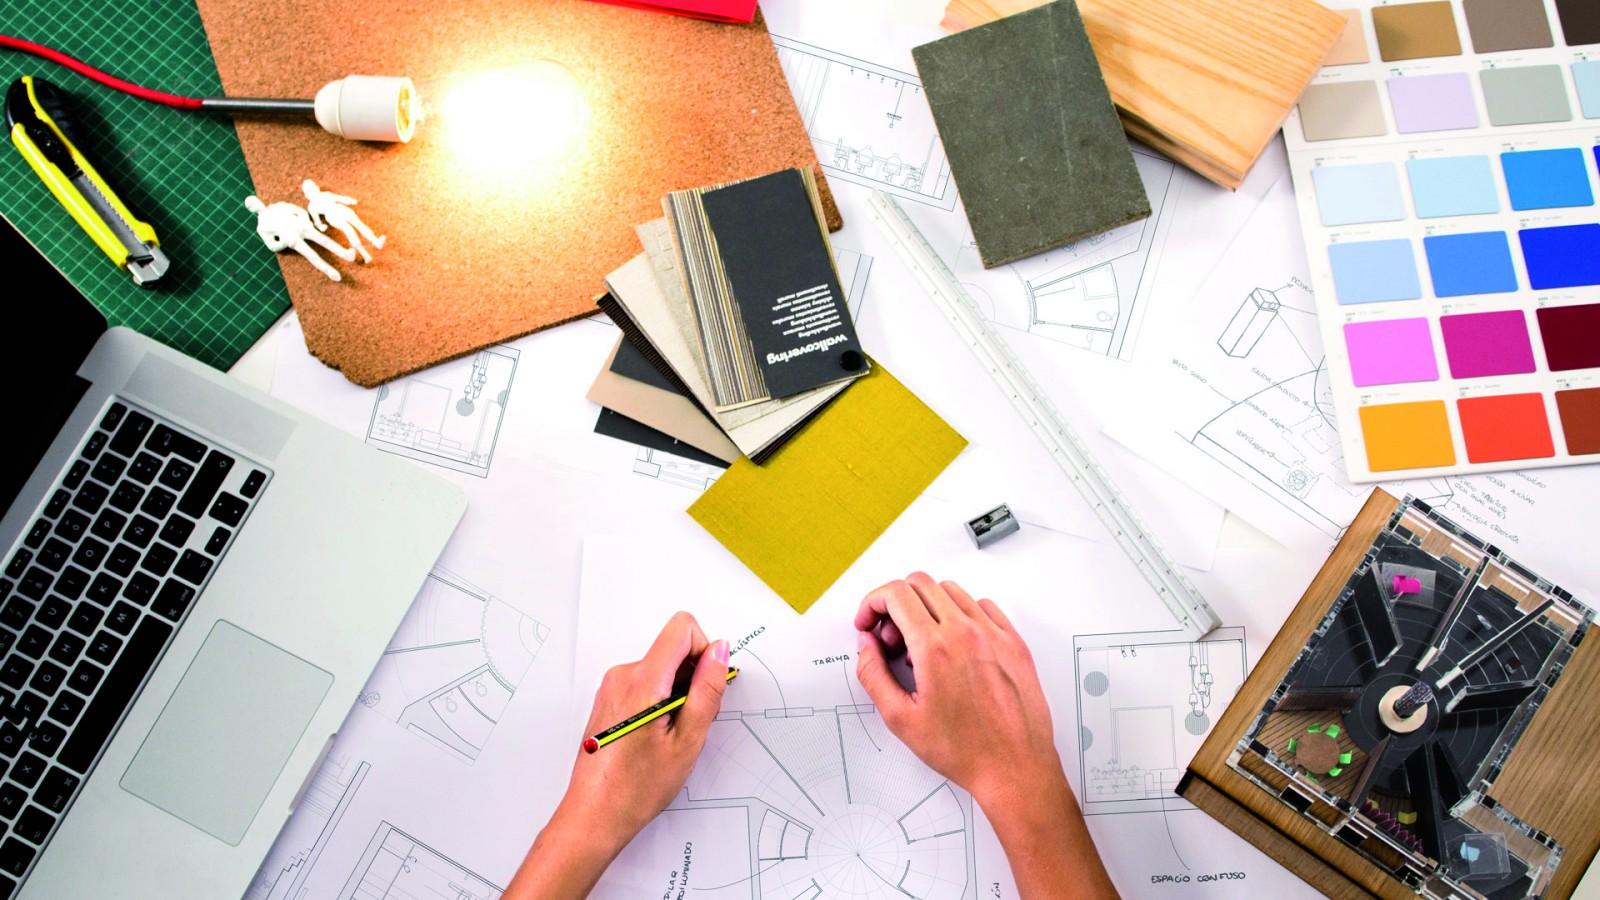 convocatoria-para-diseñadores